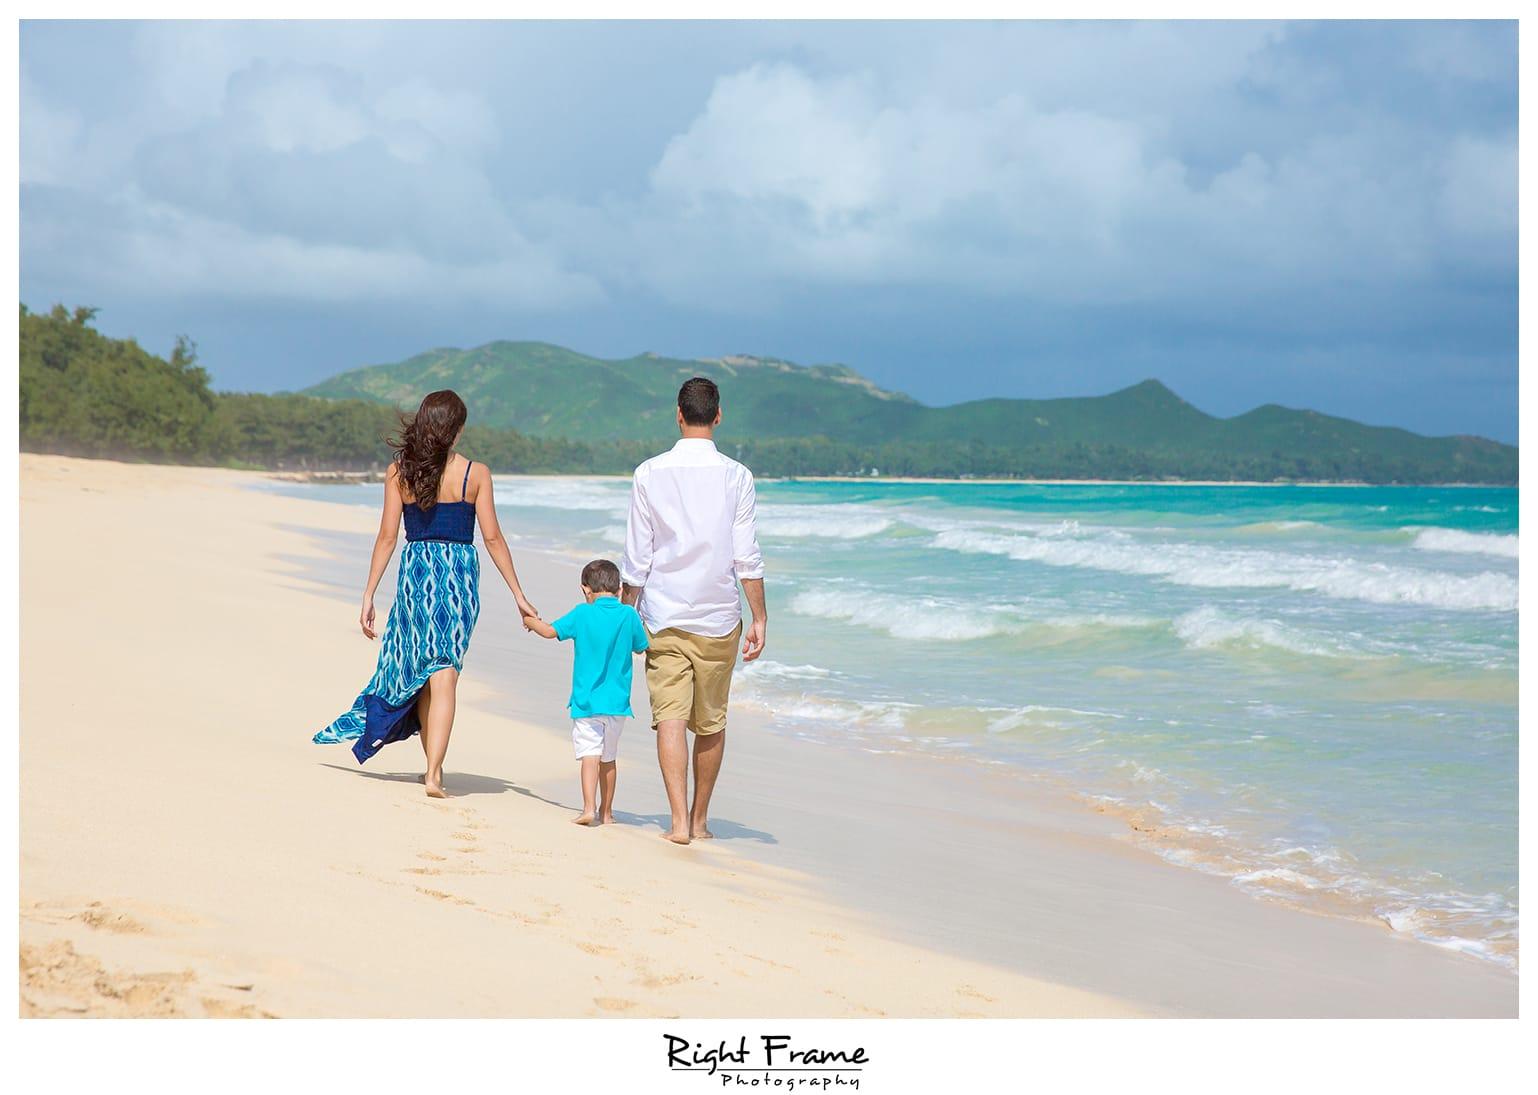 Oahu Hawaii Family Photography Oahu Family Photographer Waikiki, Honolulu, Ko Olina, Hawaii